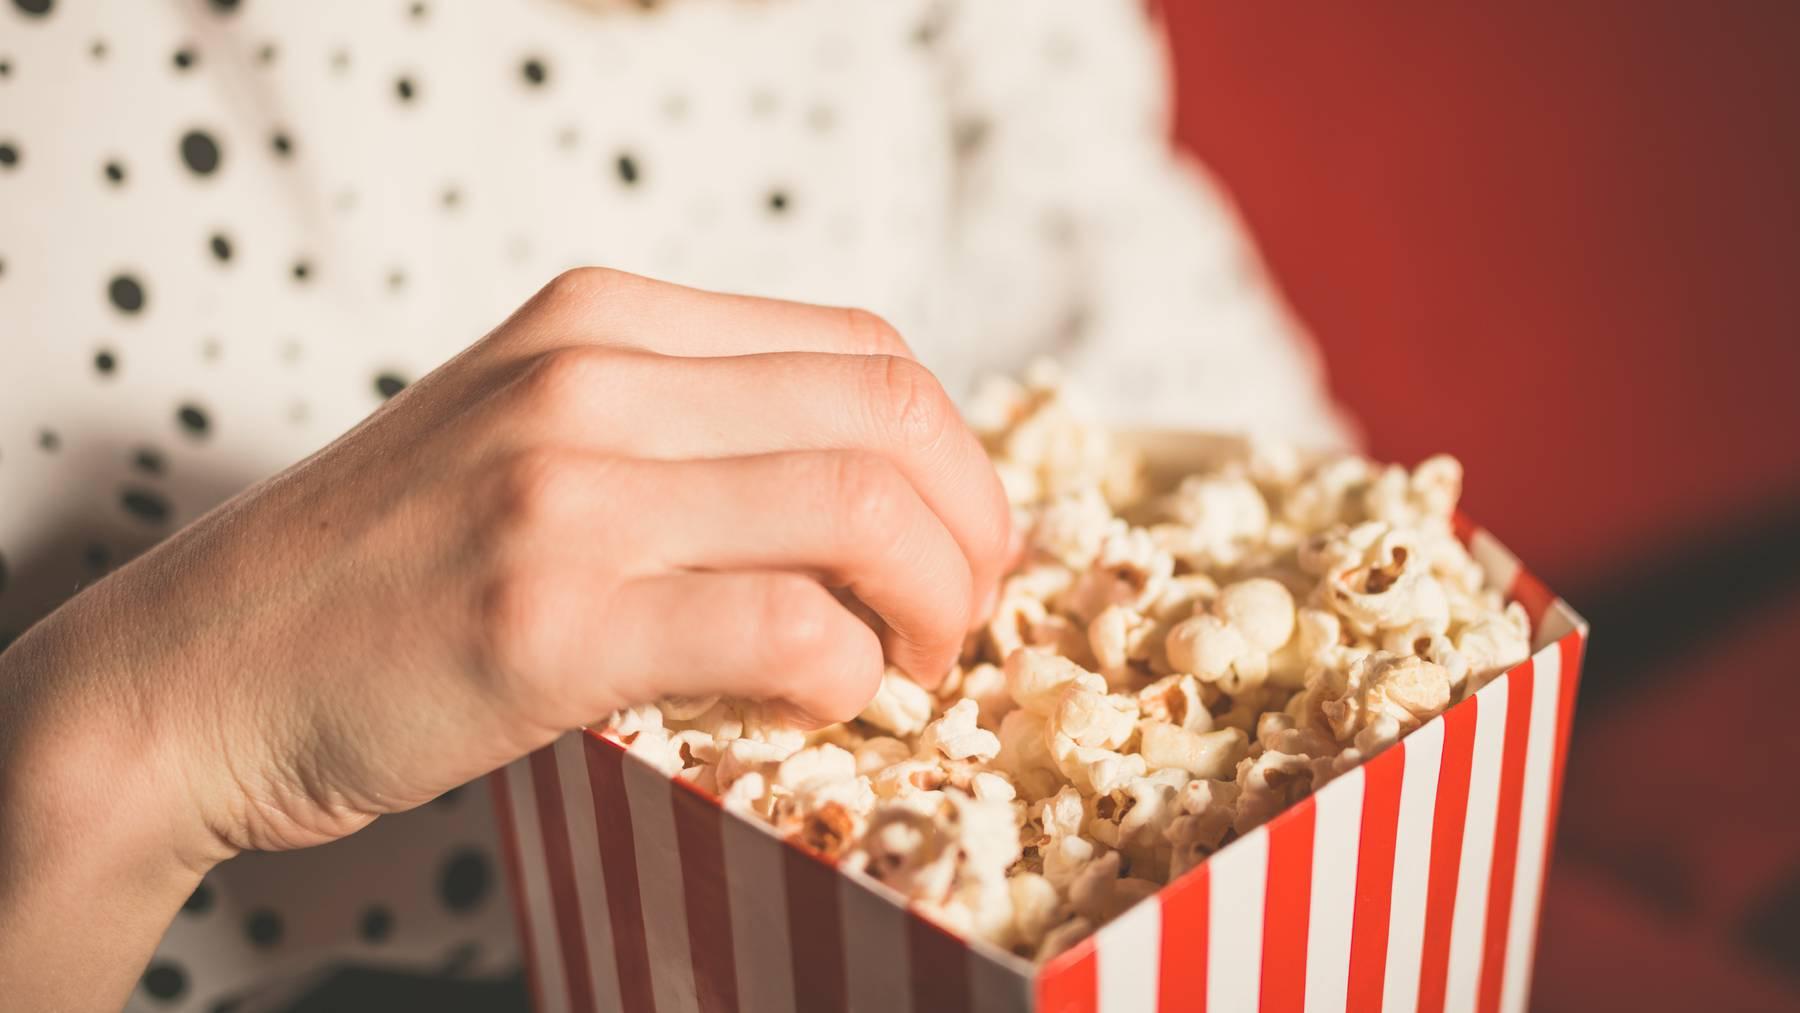 Entscheidet man sich gegen einen Kinobesuch, muss man womöglich auch auf eine solche Portion Popcorn verzichten.